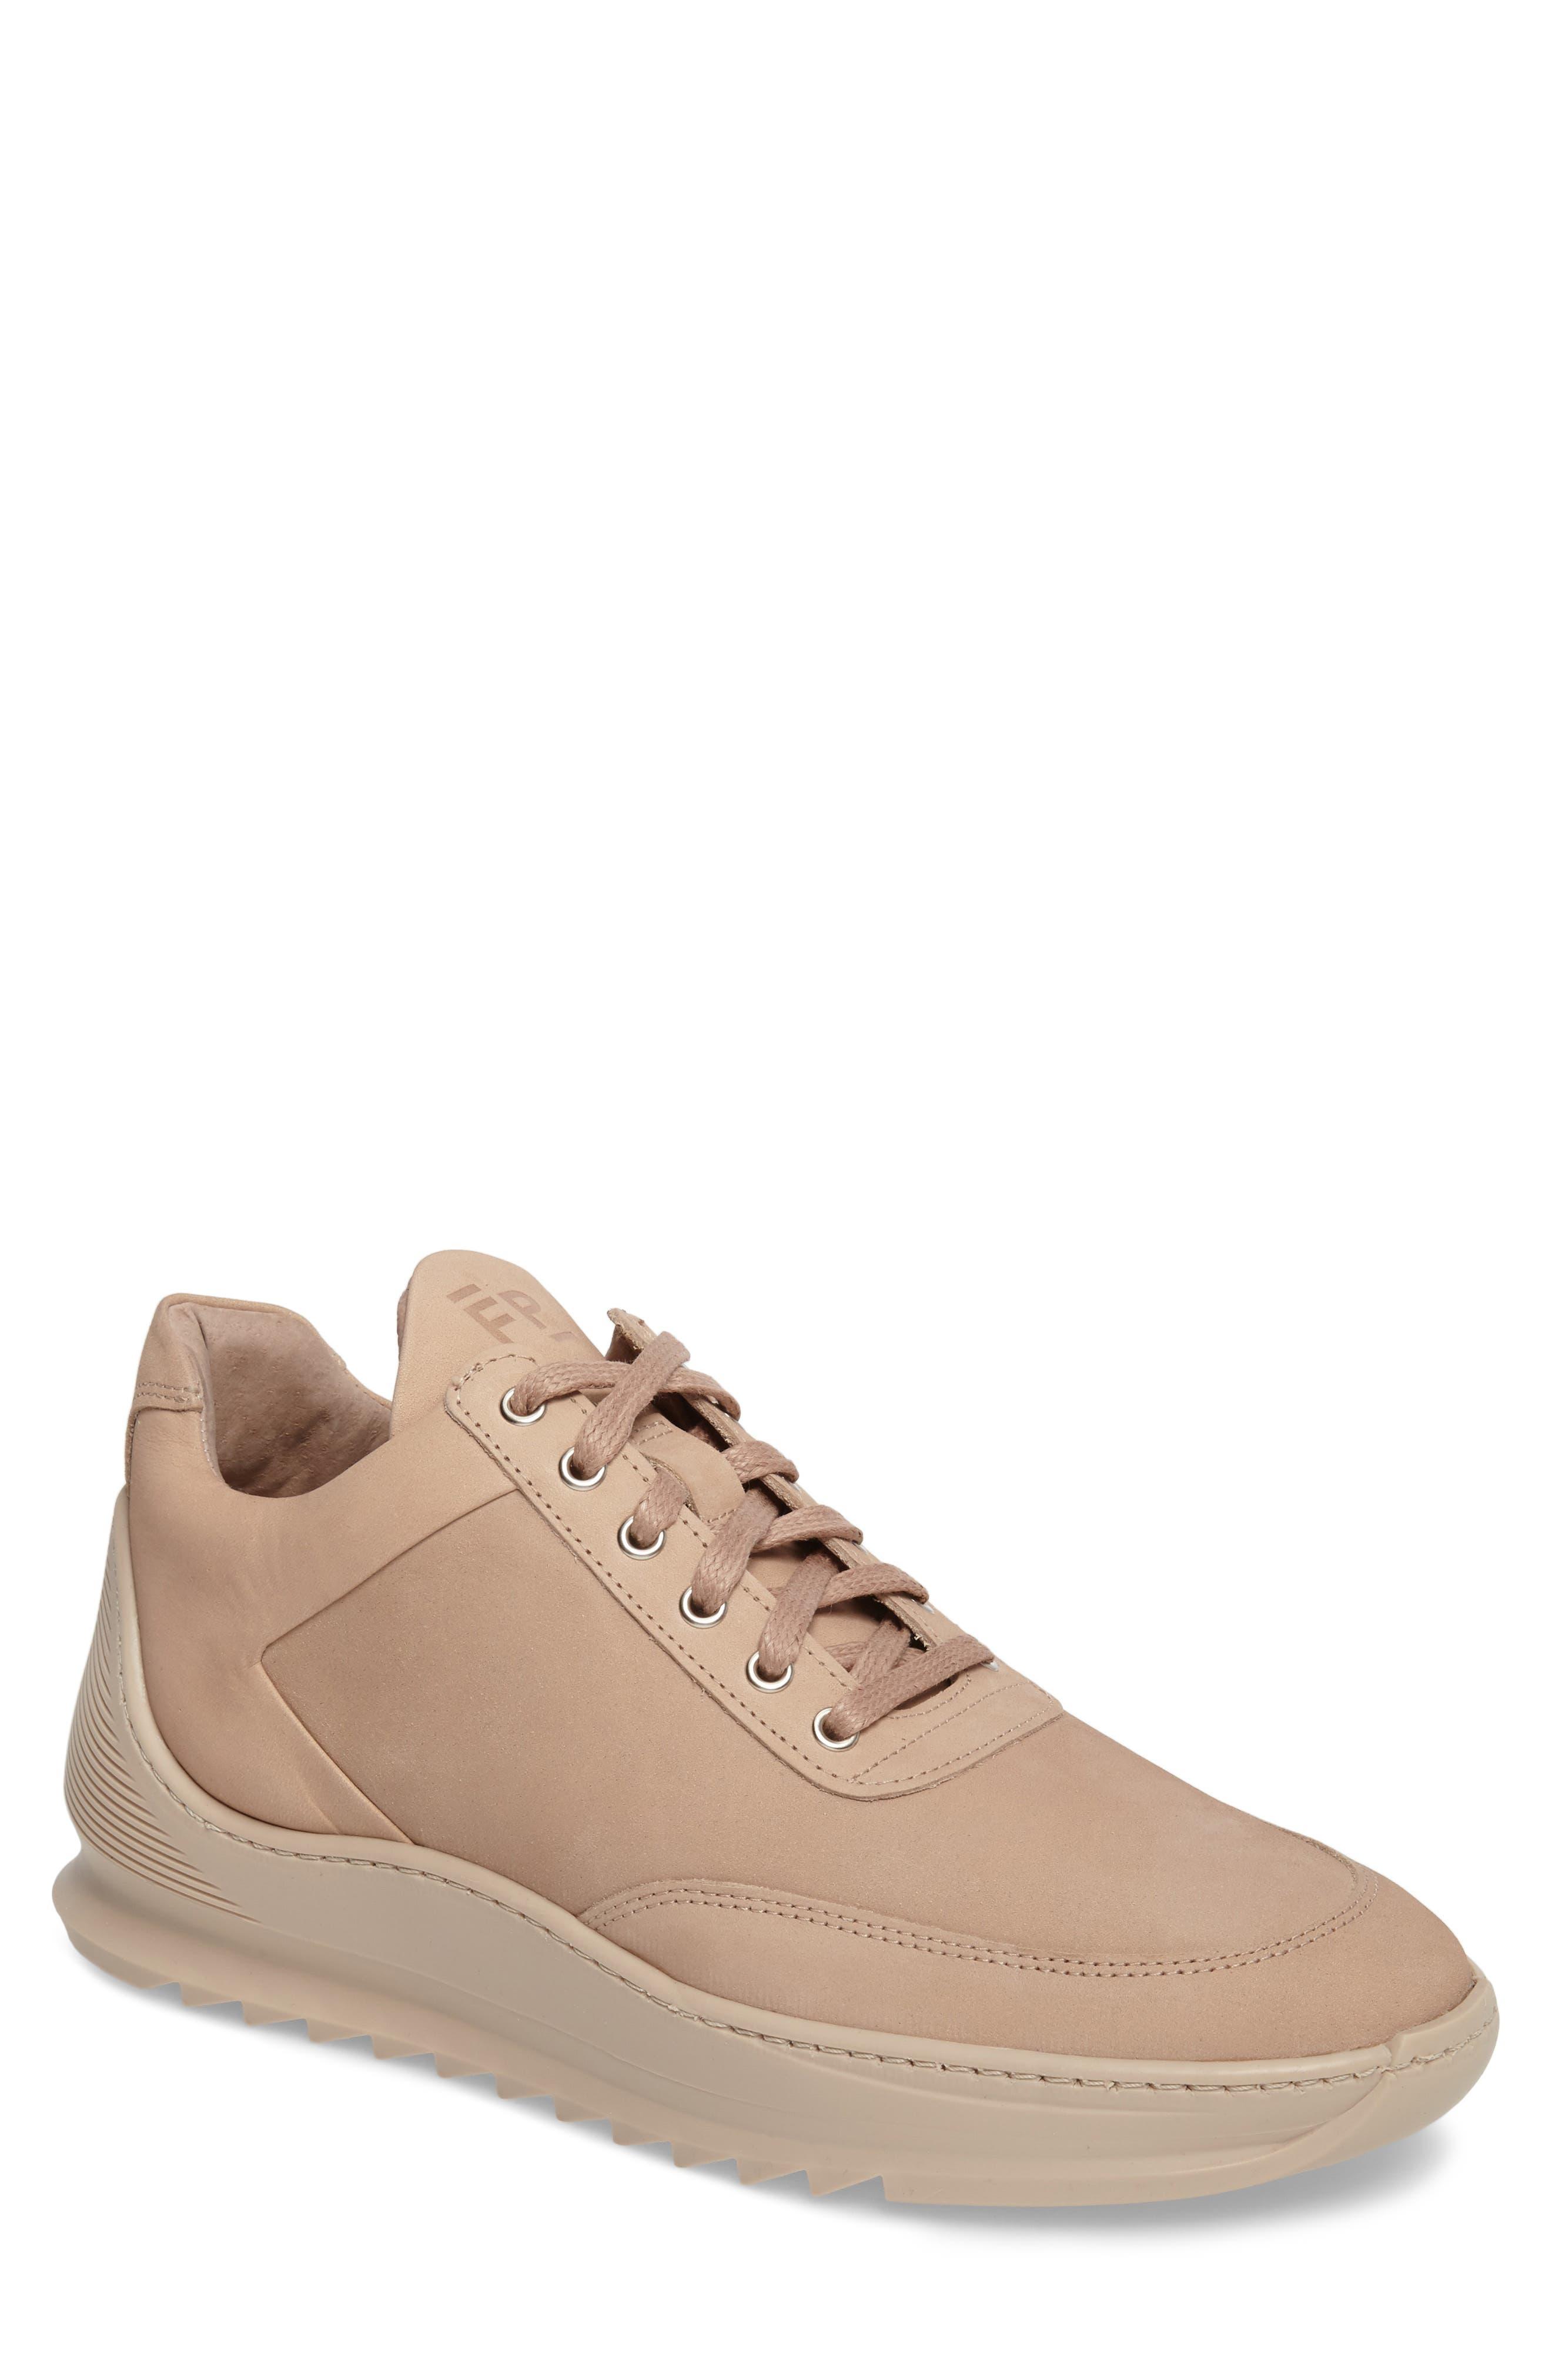 Alternate Image 1 Selected - Filling Pieces Low-Top Sneaker (Men)